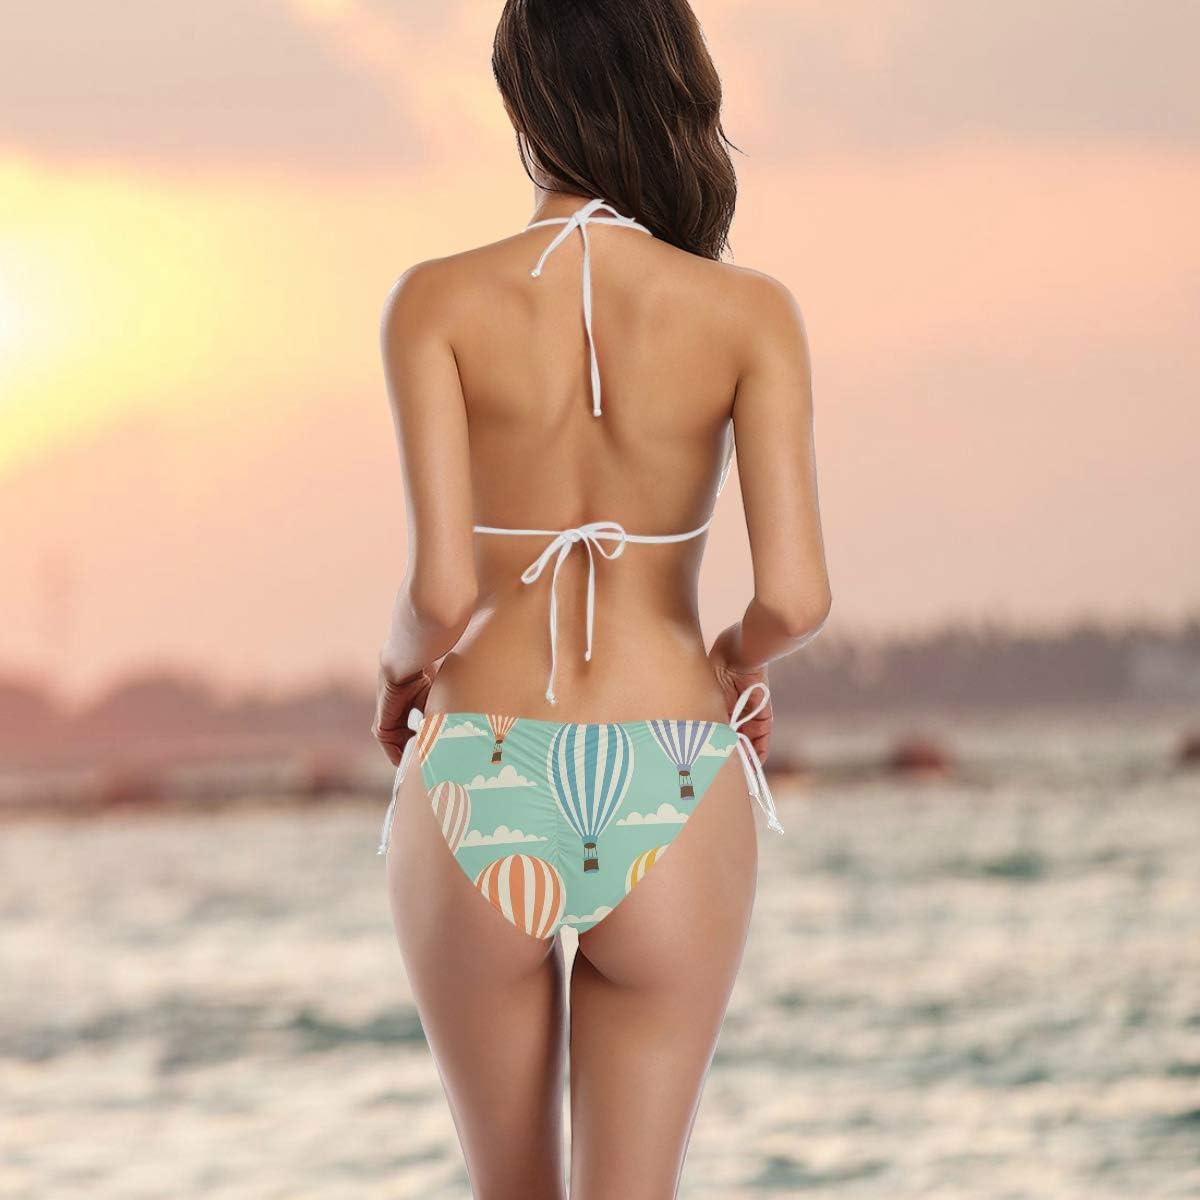 Sexy Motivo Mongolfiera FANTAZIO Costume da Bagno colorato Bikini a Triangolo da Donna